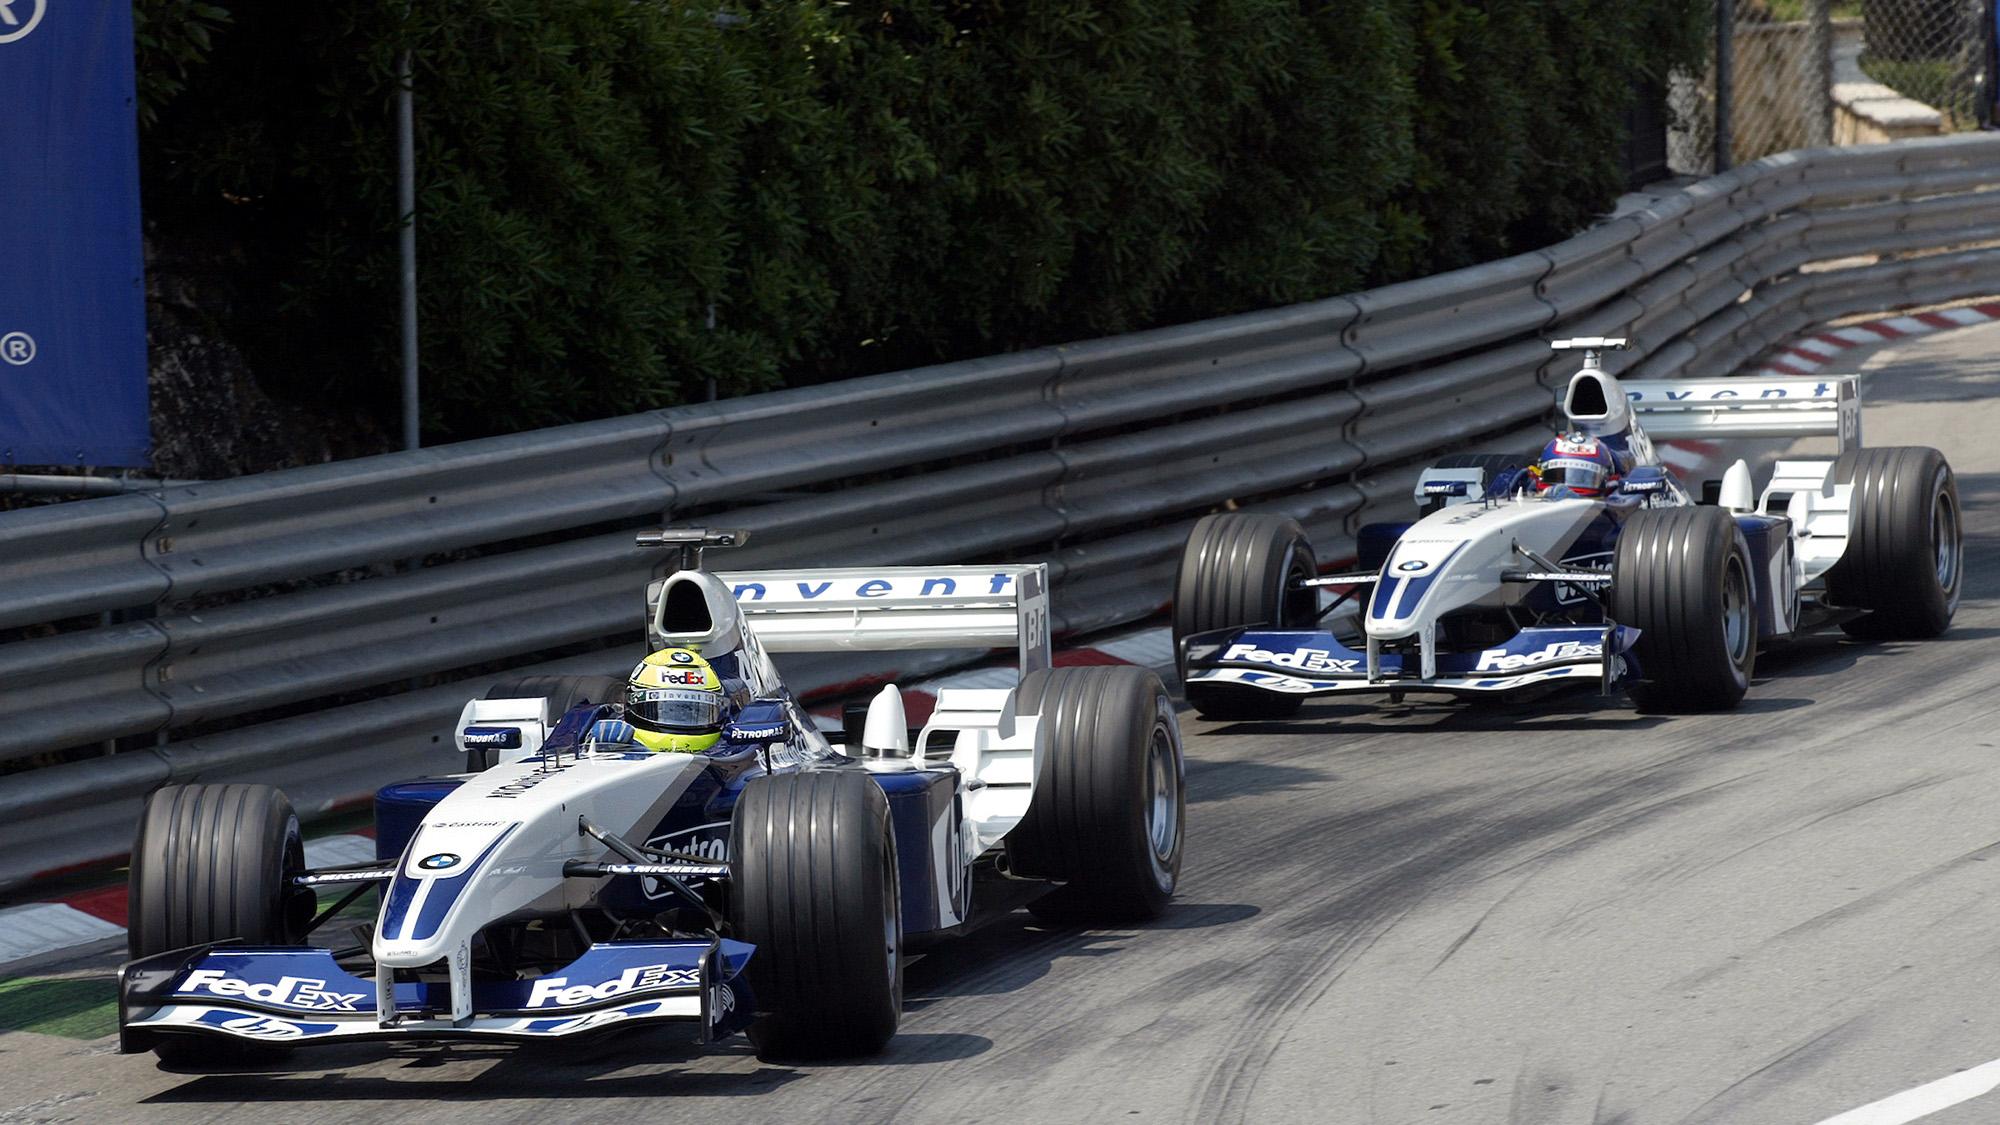 Ralf Schumacher ahead of Juan Pablo Montoya in the 2003 Monaco Grand prix